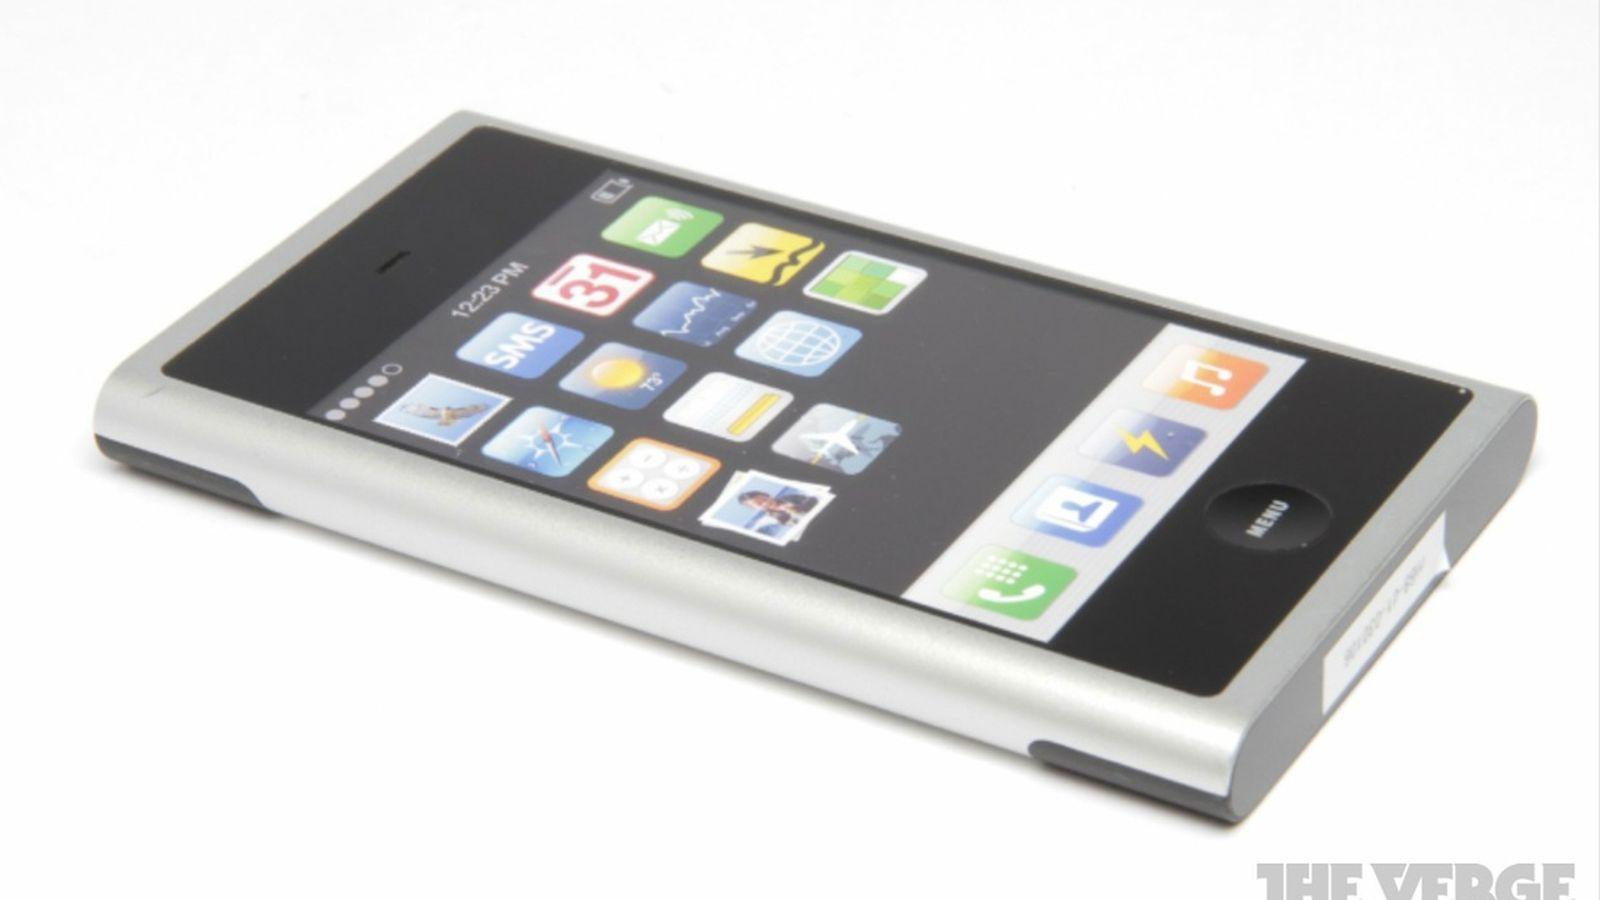 apple designer christopher stringer reveals iphone design process  says  u0026 39 we u0026 39 ve been ripped off